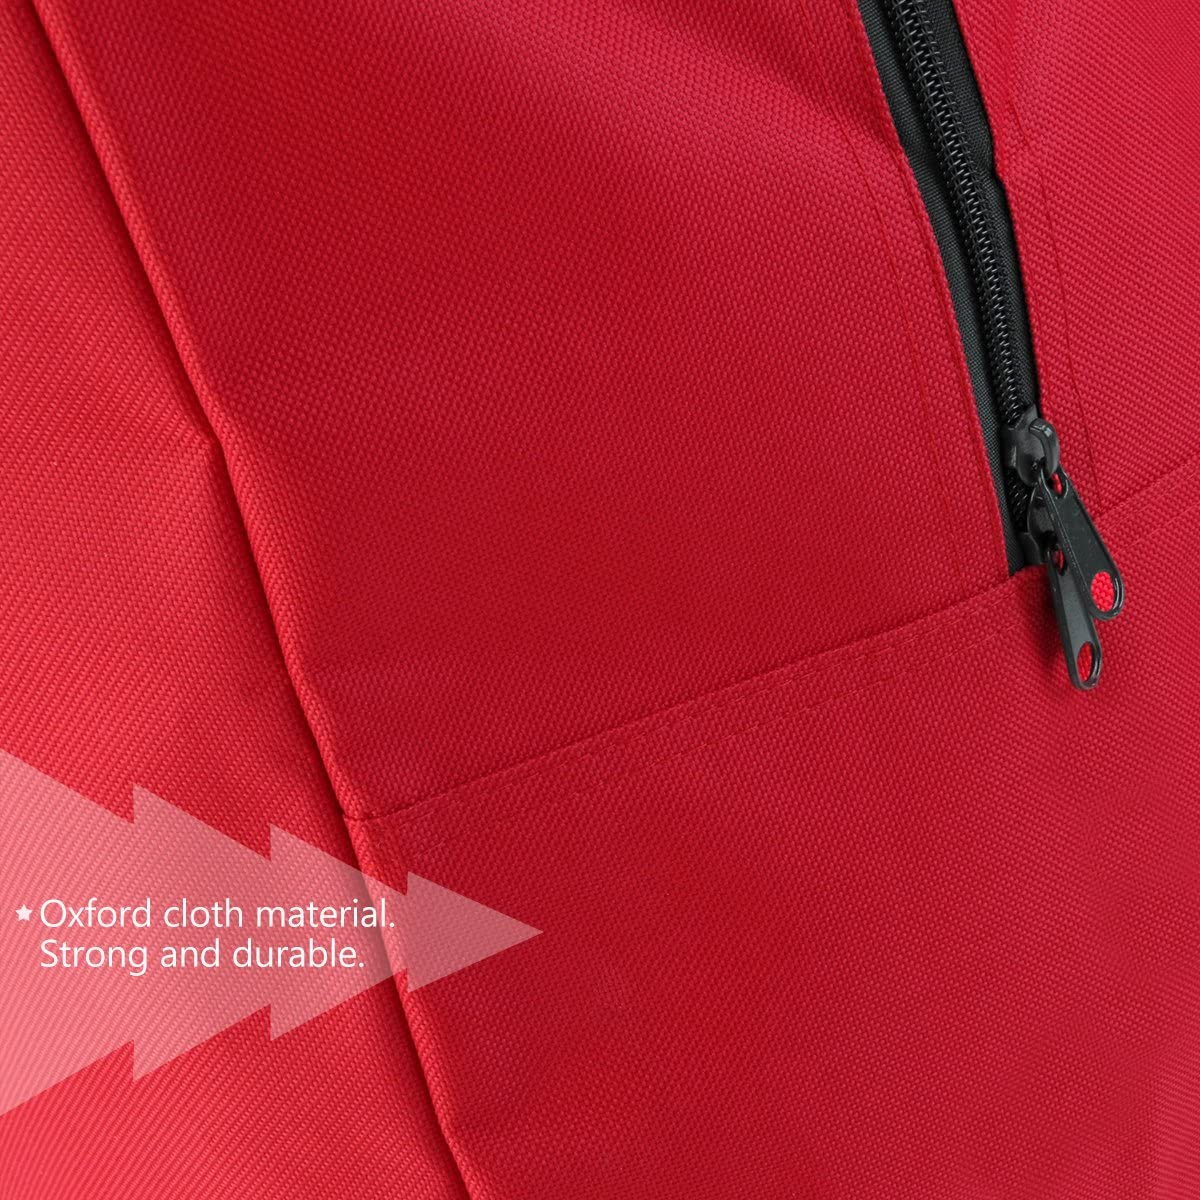 Red 46*25*38cm Nicexmas Sac de rangement pour sapin de No/ël